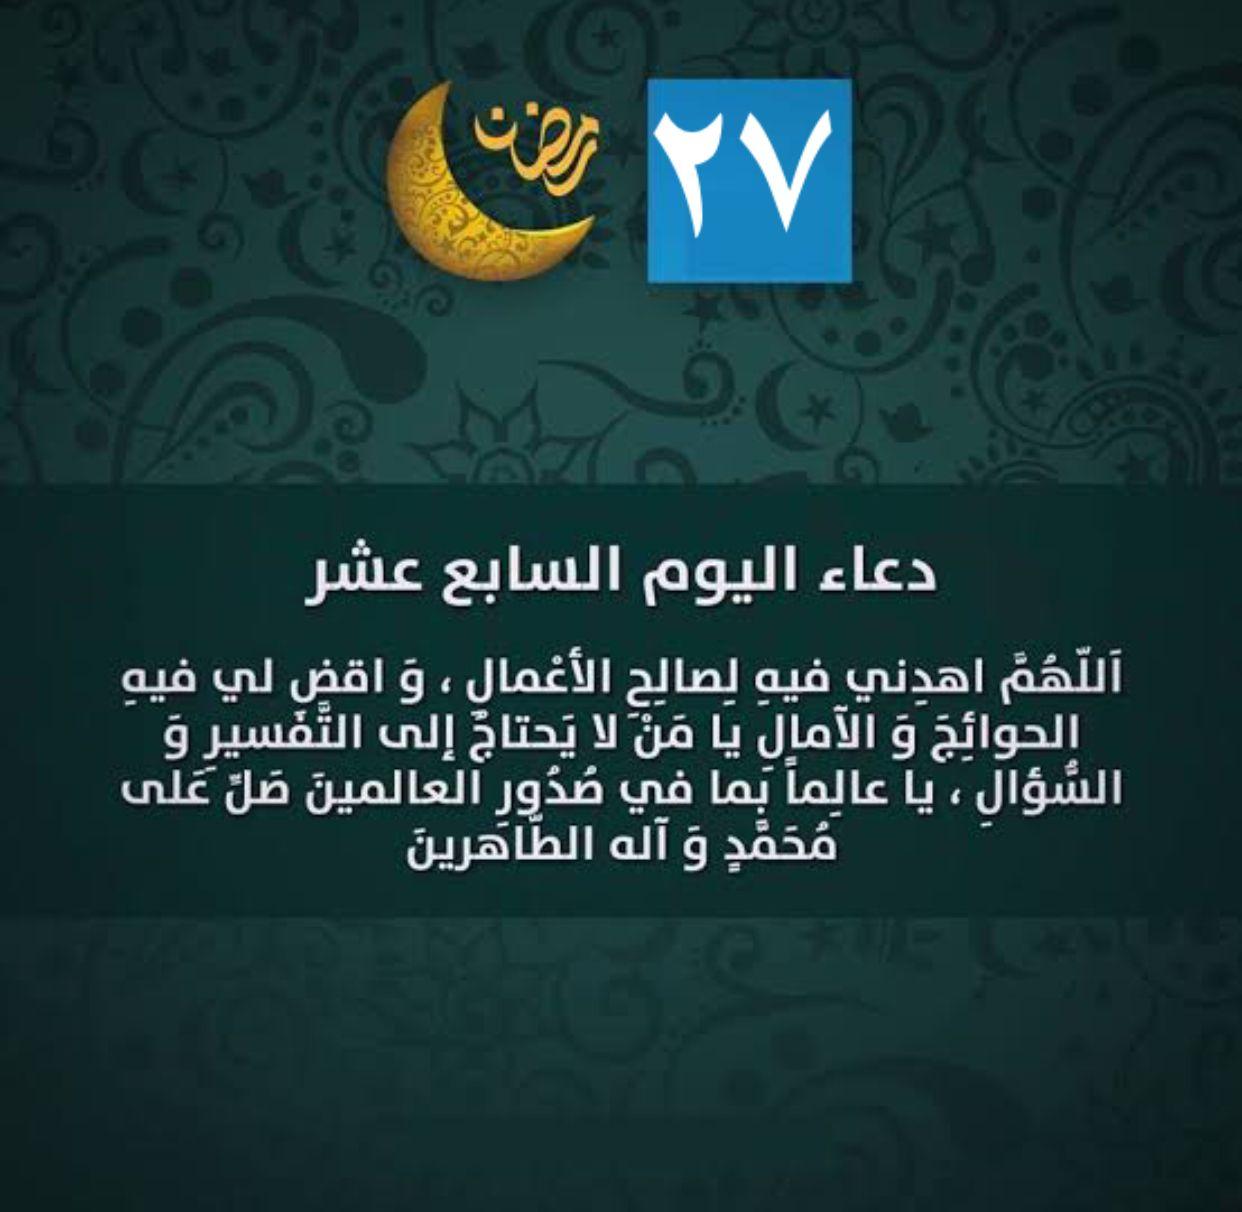 دعاء اليوم السابع والعشرين من شهر رمضان المبارك Ramadan Incoming Call Screenshot Incoming Call Slc